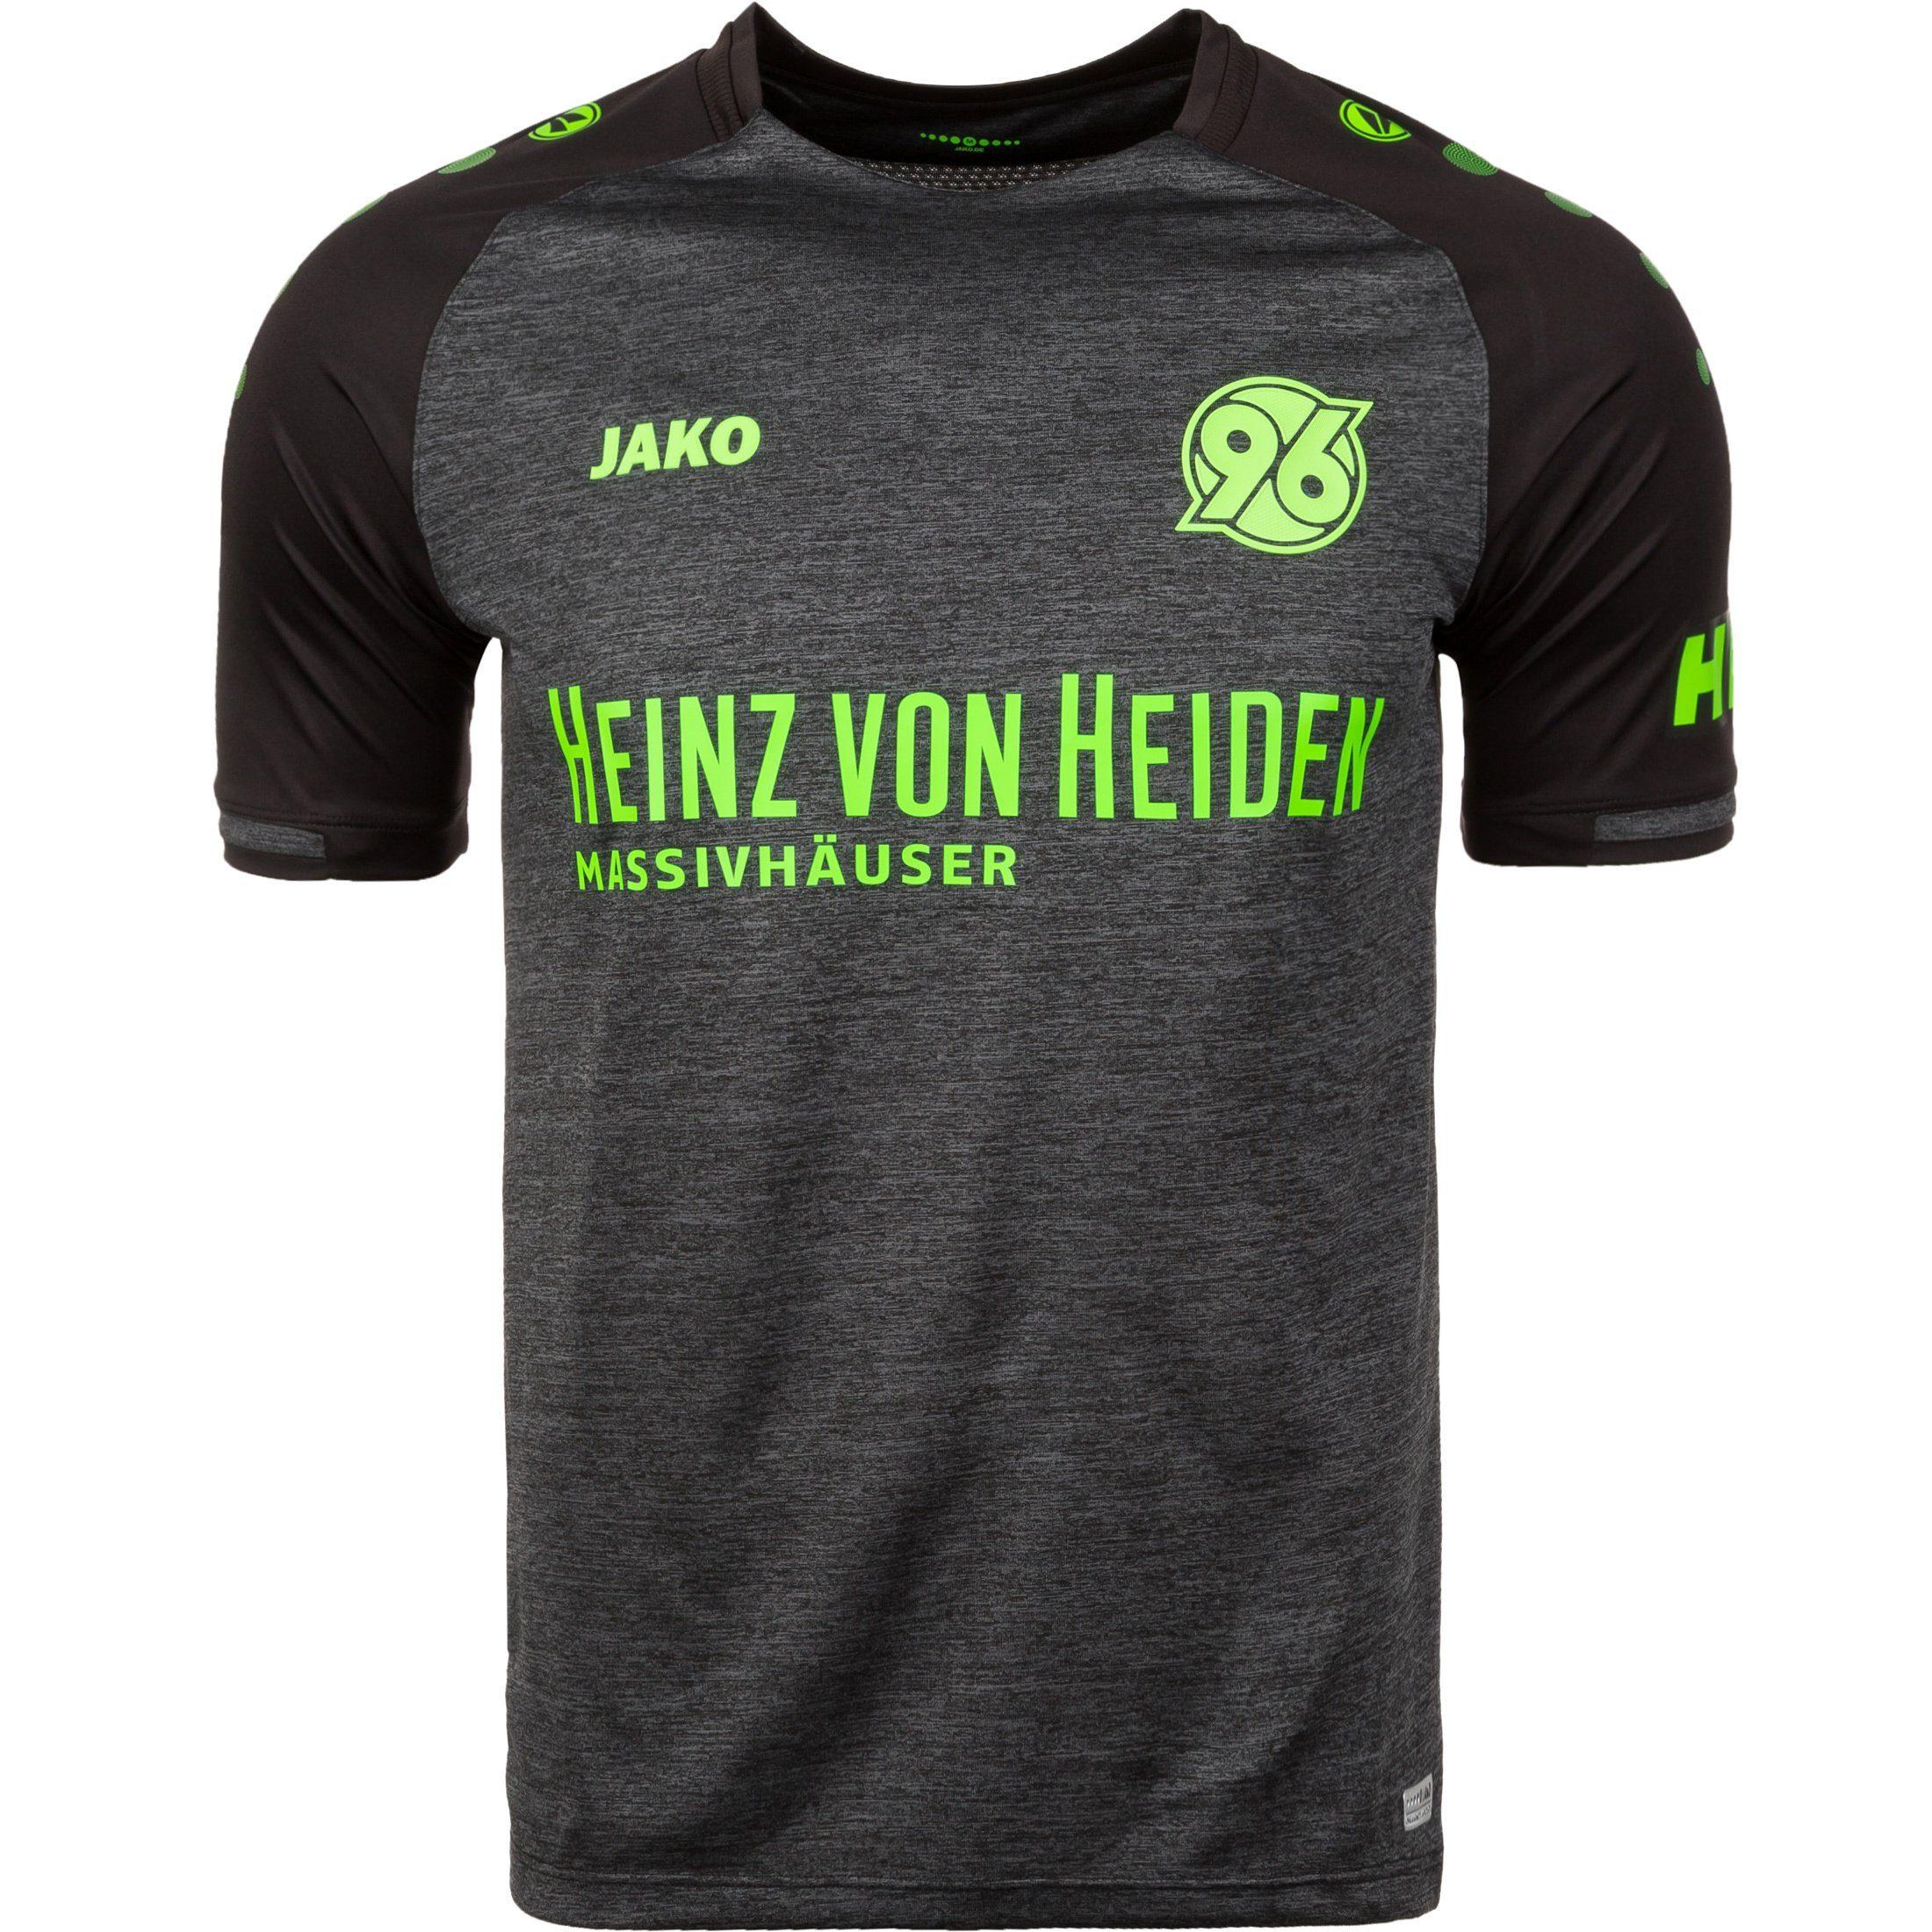 Jako Fußballtrikot Hannover 96 18/19 Auswärts | Sportbekleidung > Trikots | Jako